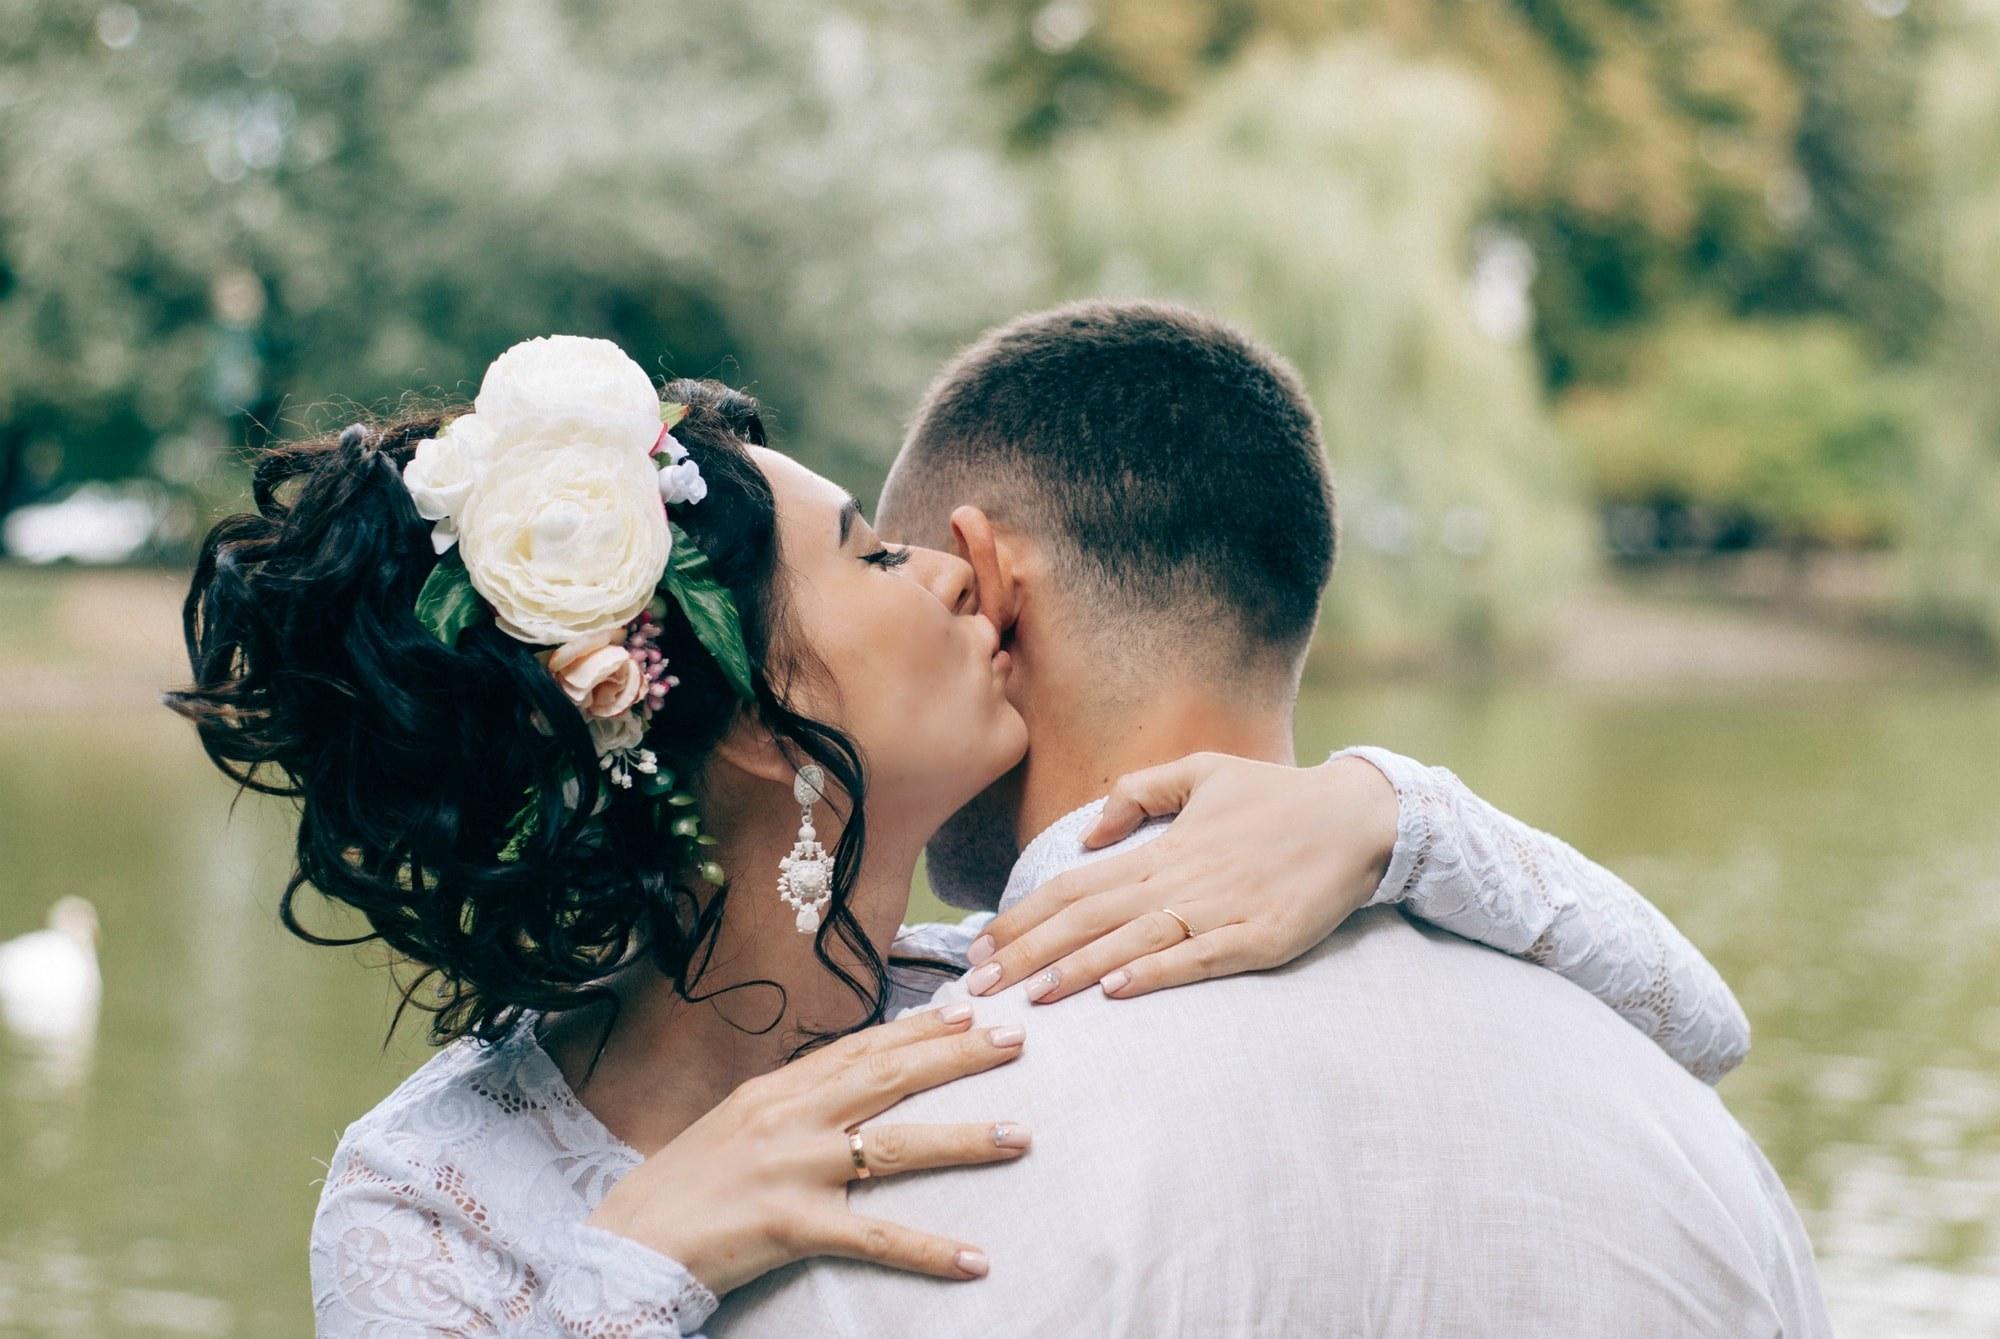 Невеста целует жениха в ухо - Фотограф Киев - Женя Лайт